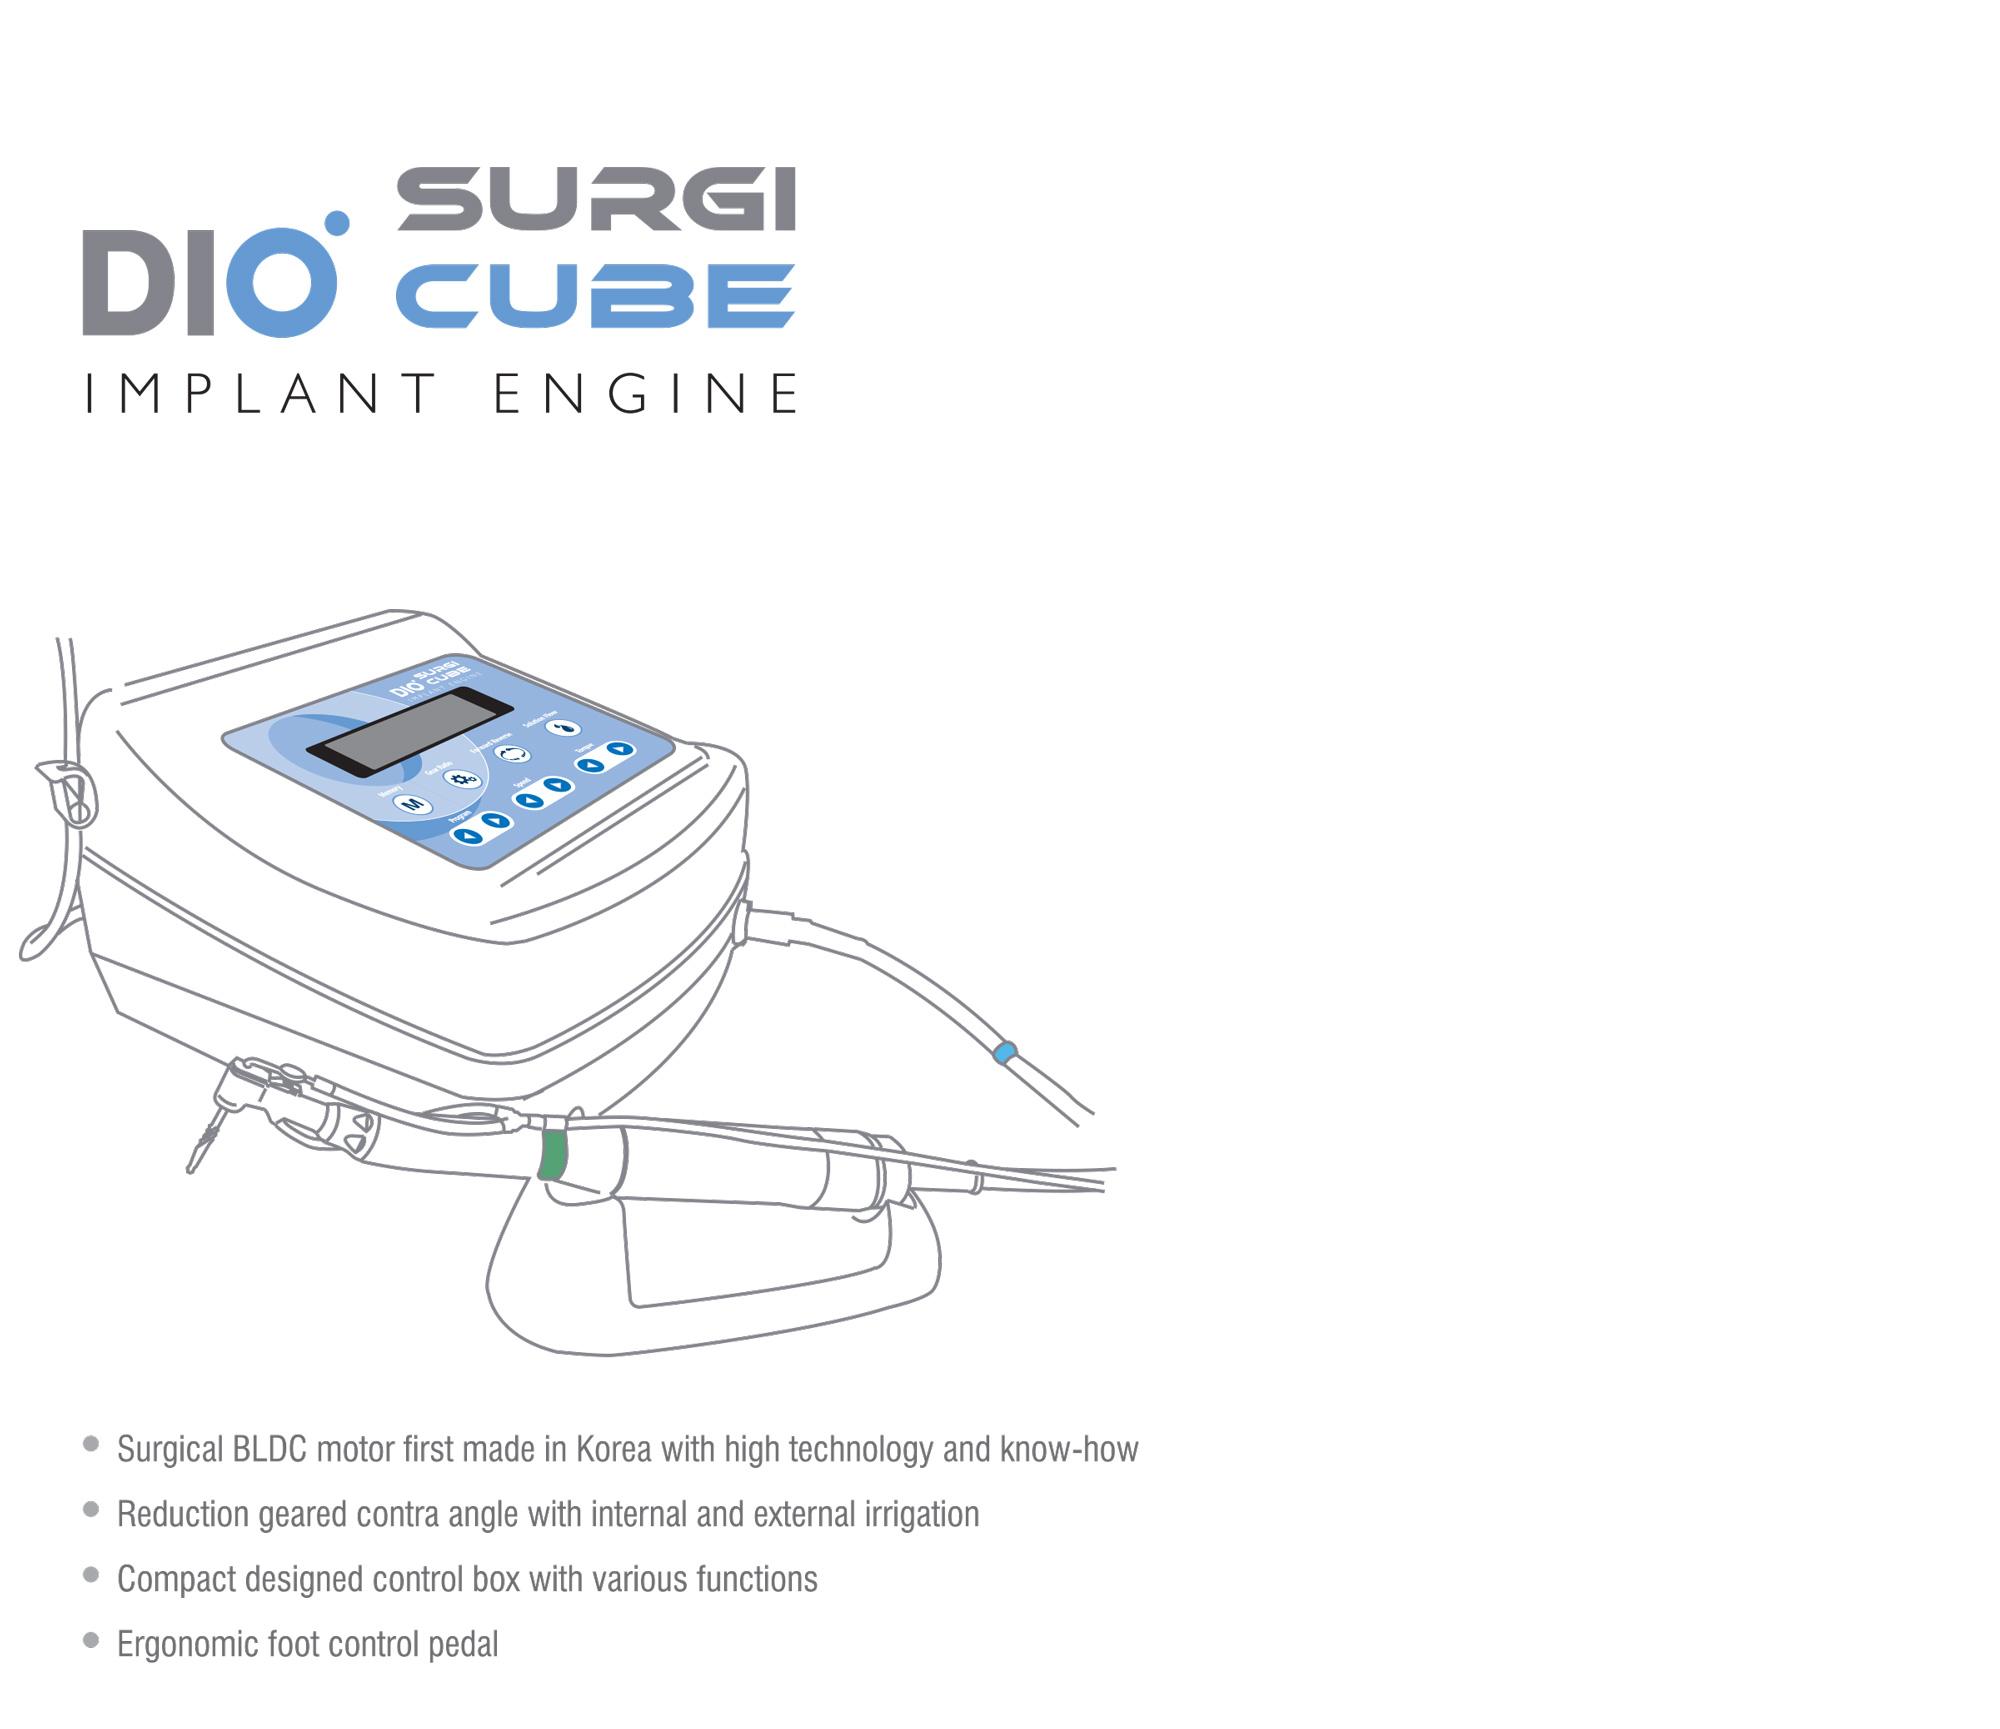 surgi-cube-leaflet-1